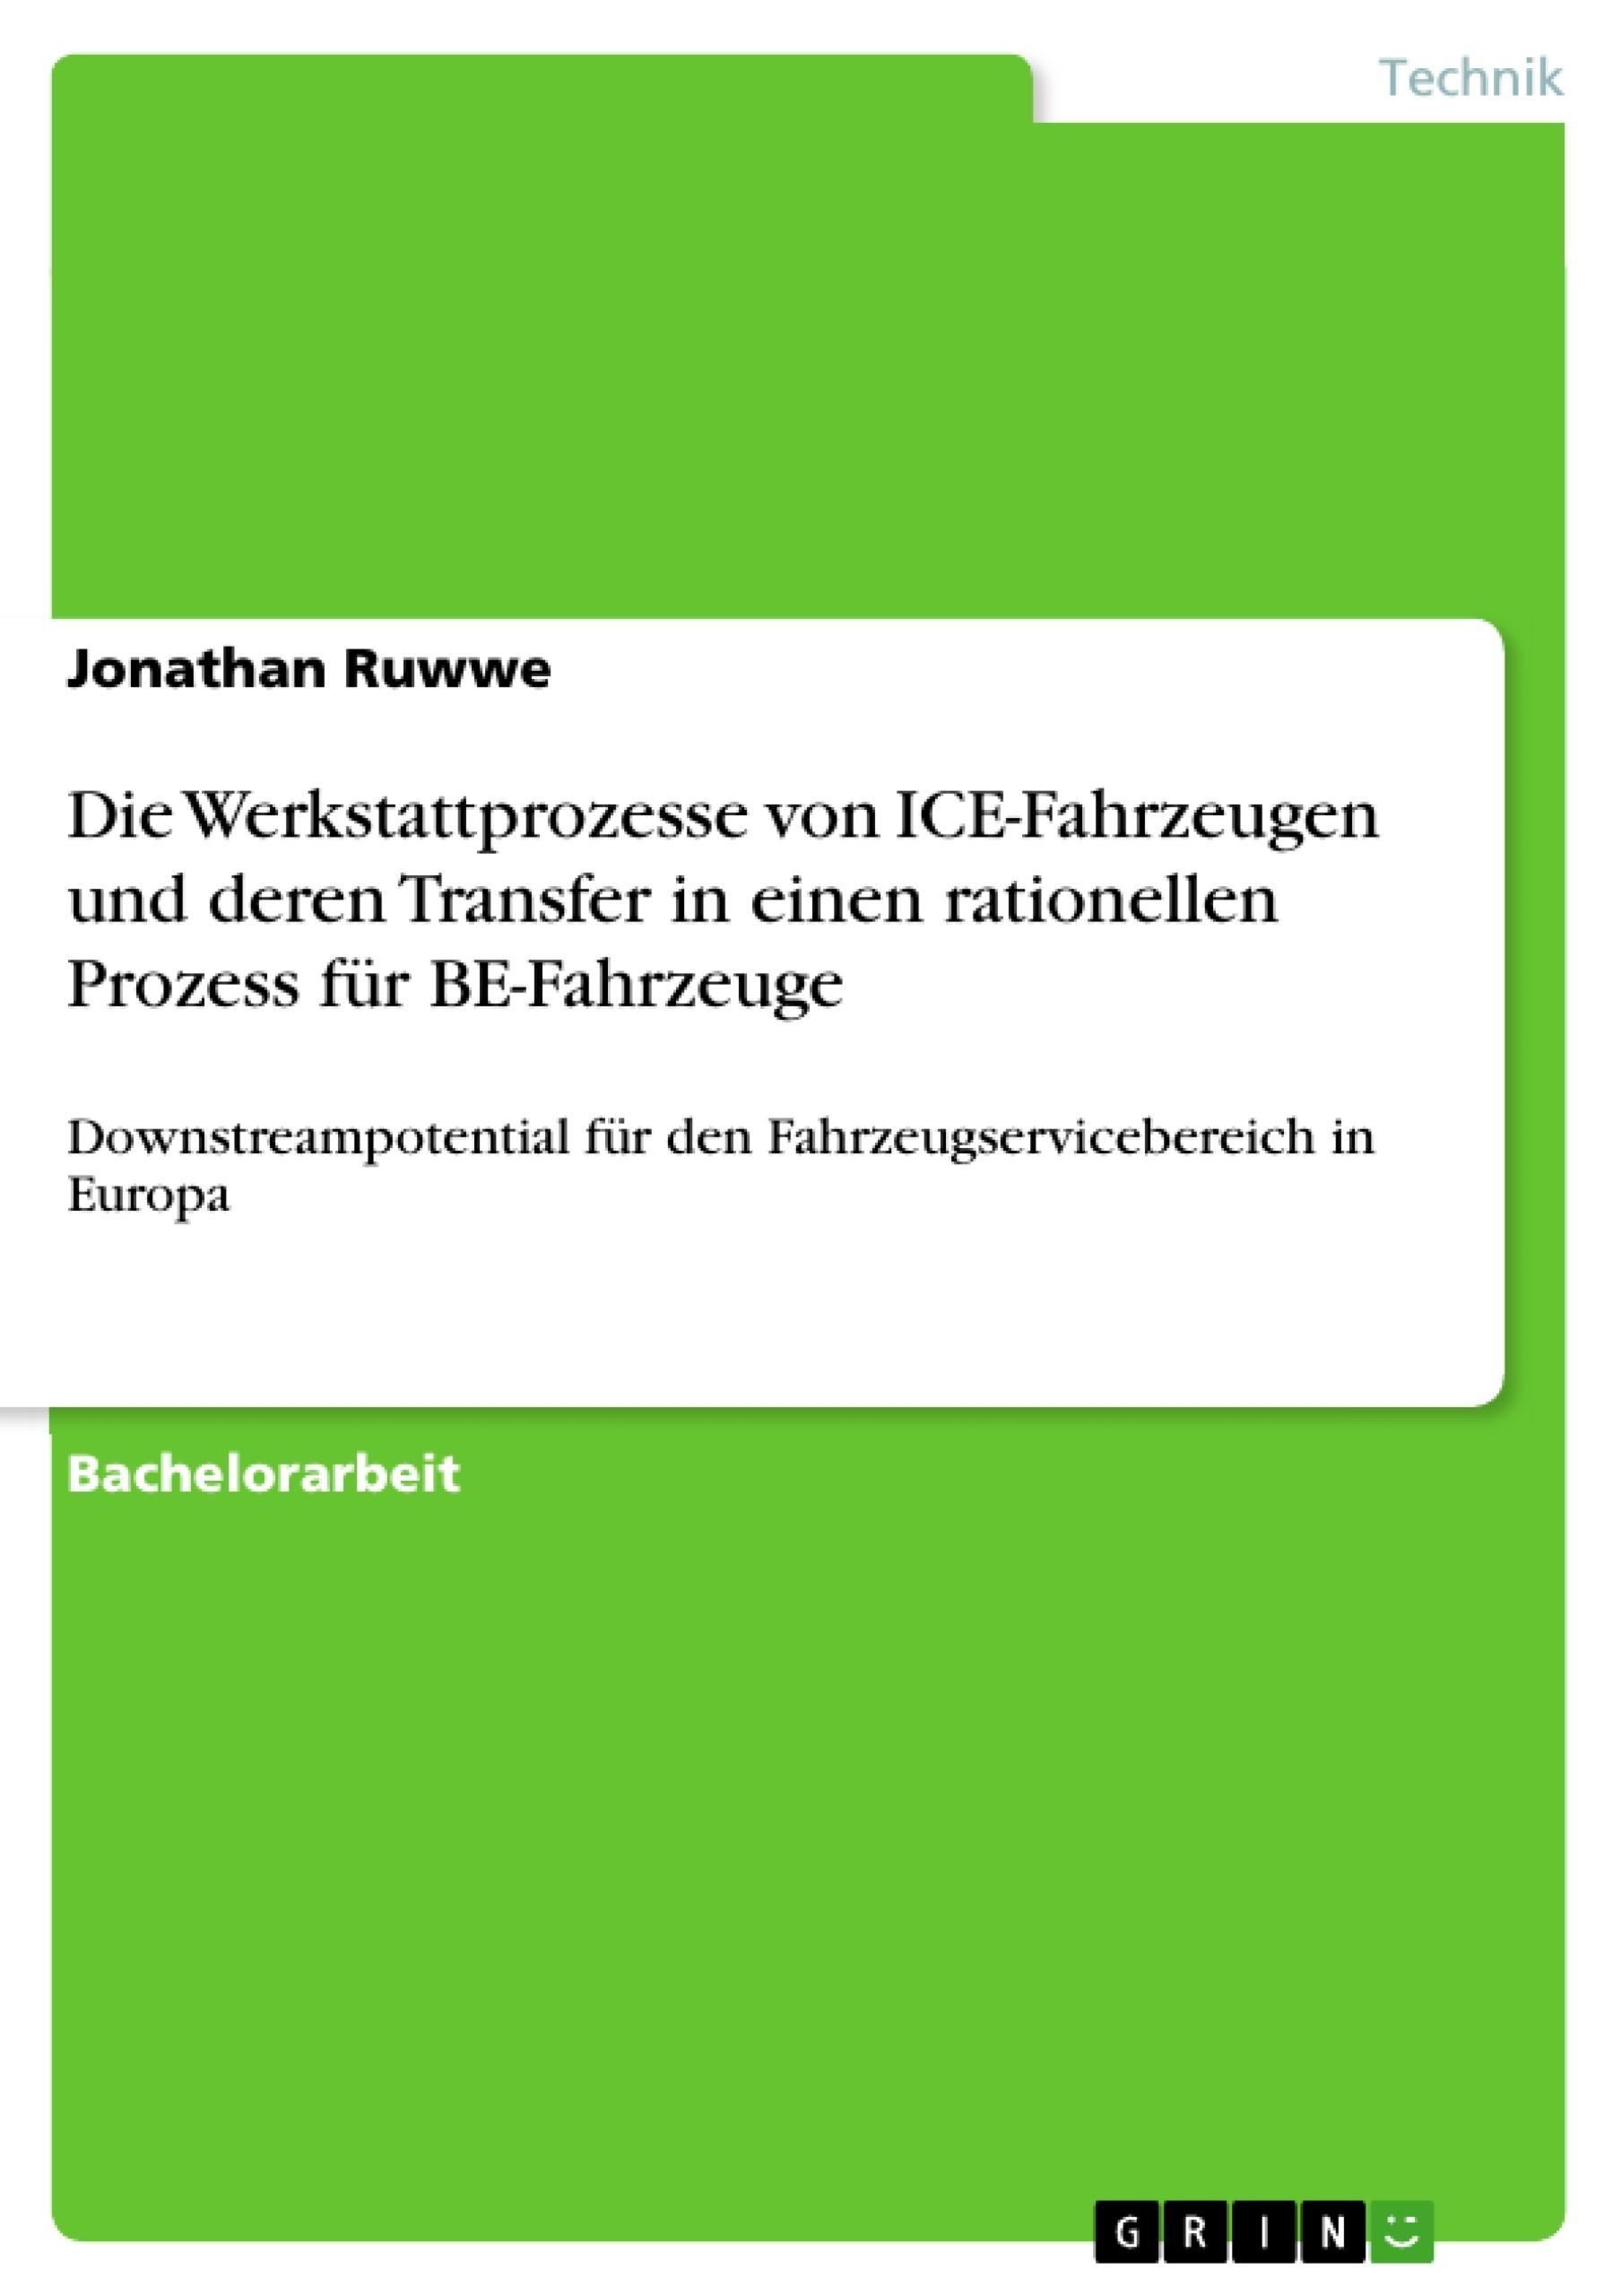 Titel: Die Werkstattprozesse von ICE-Fahrzeugen und deren Transfer in einen rationellen Prozess für BE-Fahrzeuge